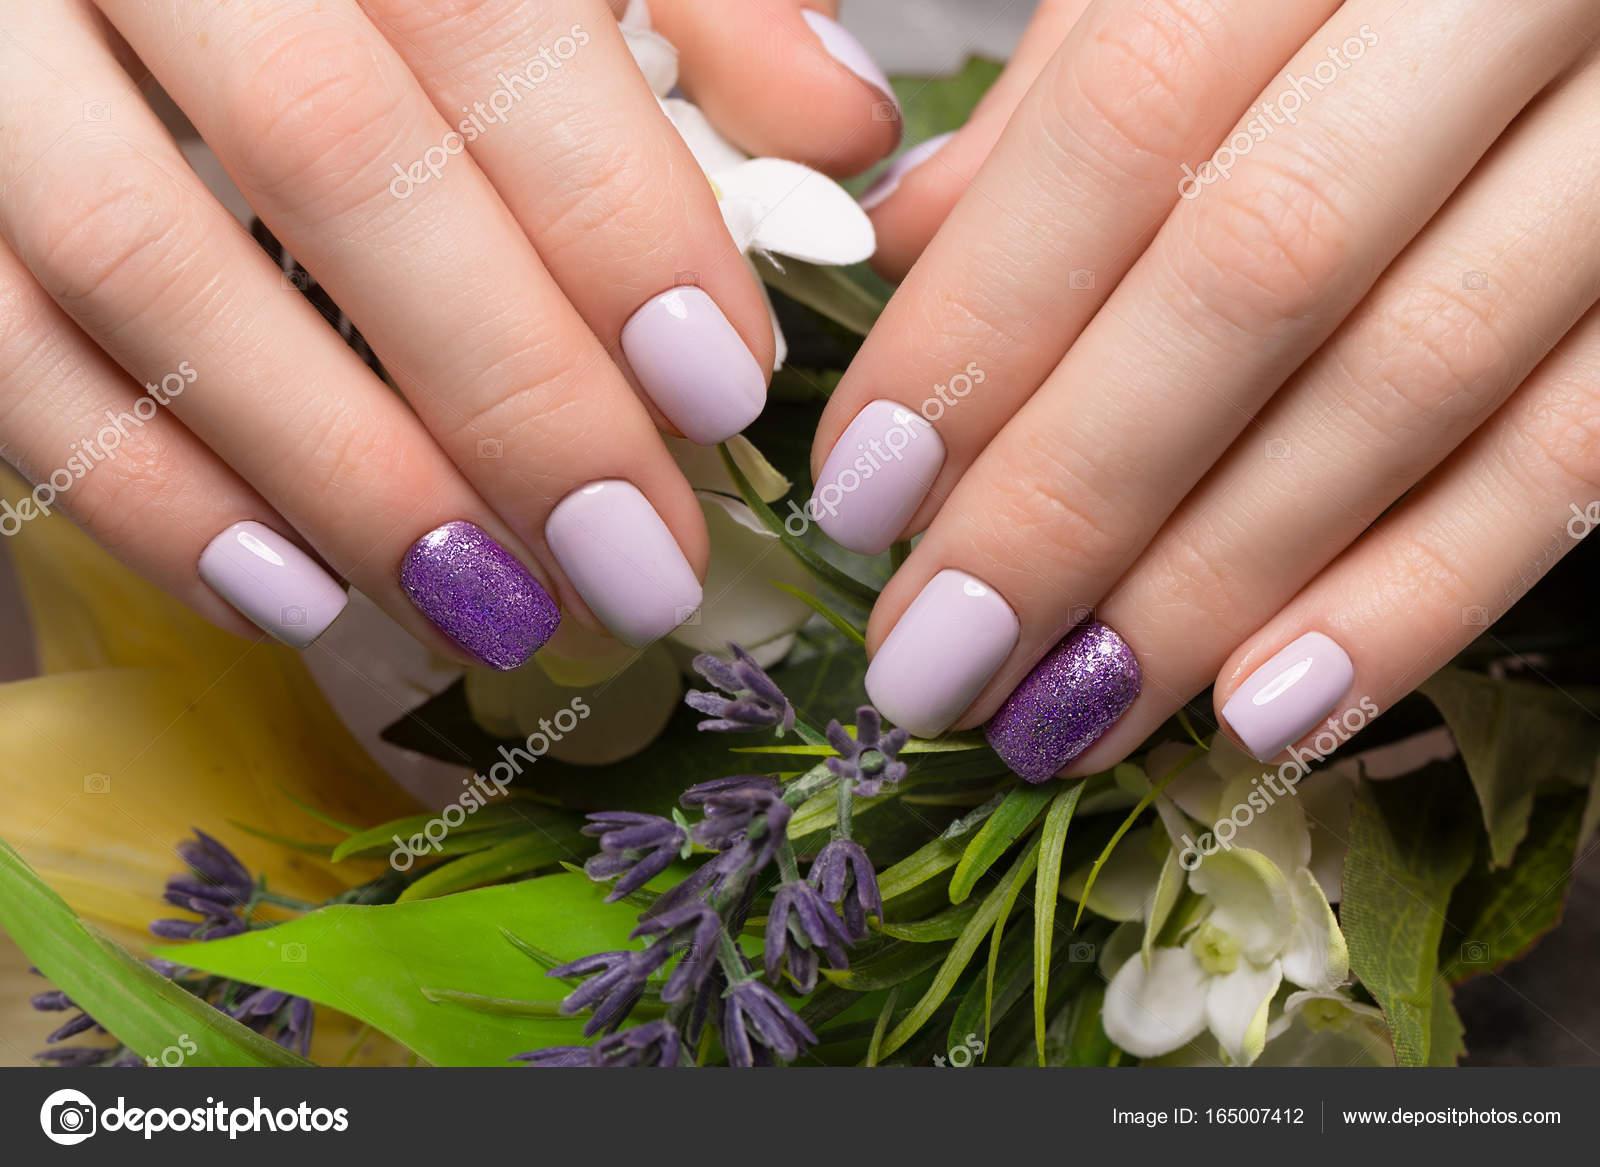 Purpura Manicura Cuidada En Mujer Manos Sobre Fondo De Flores